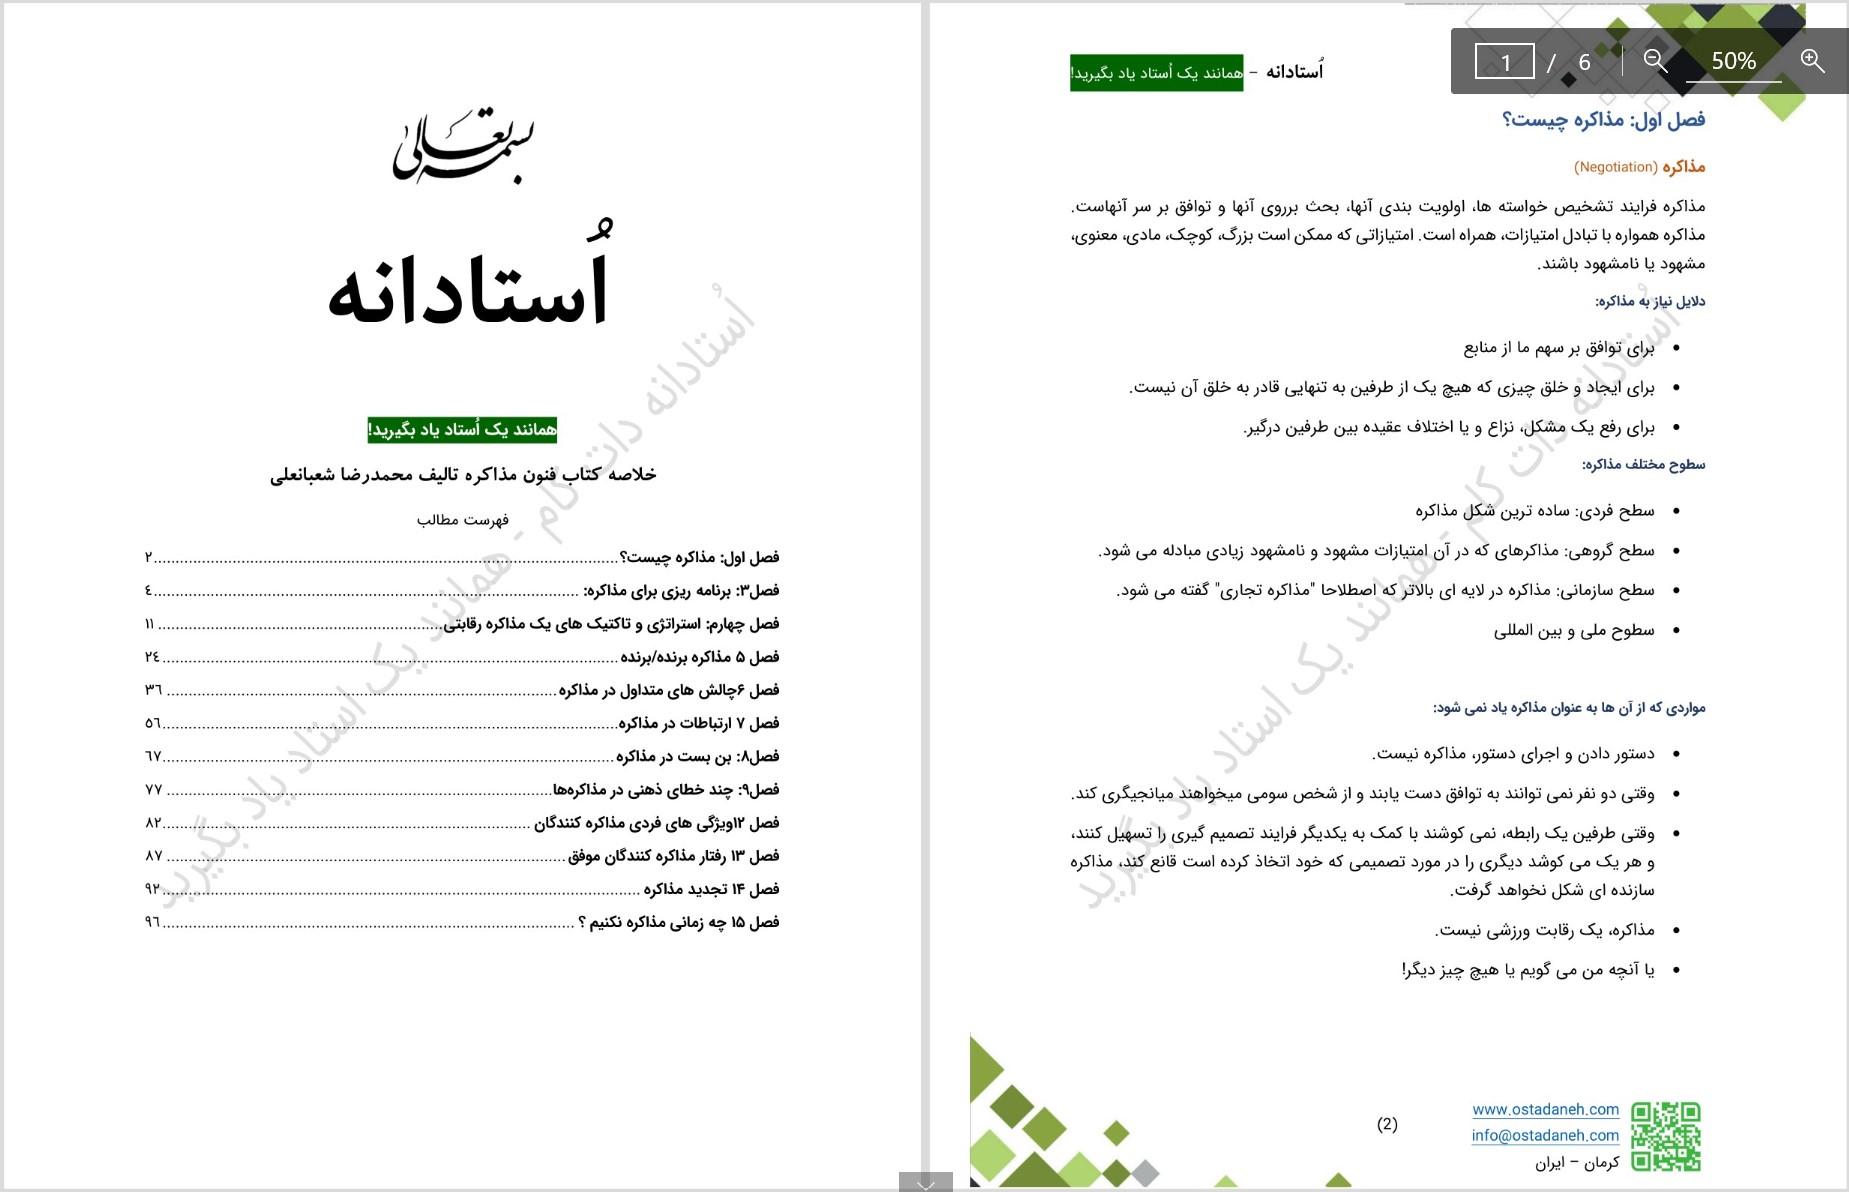 خلاصه کتاب فنون مذاکره محمدرضا شعبانعلی